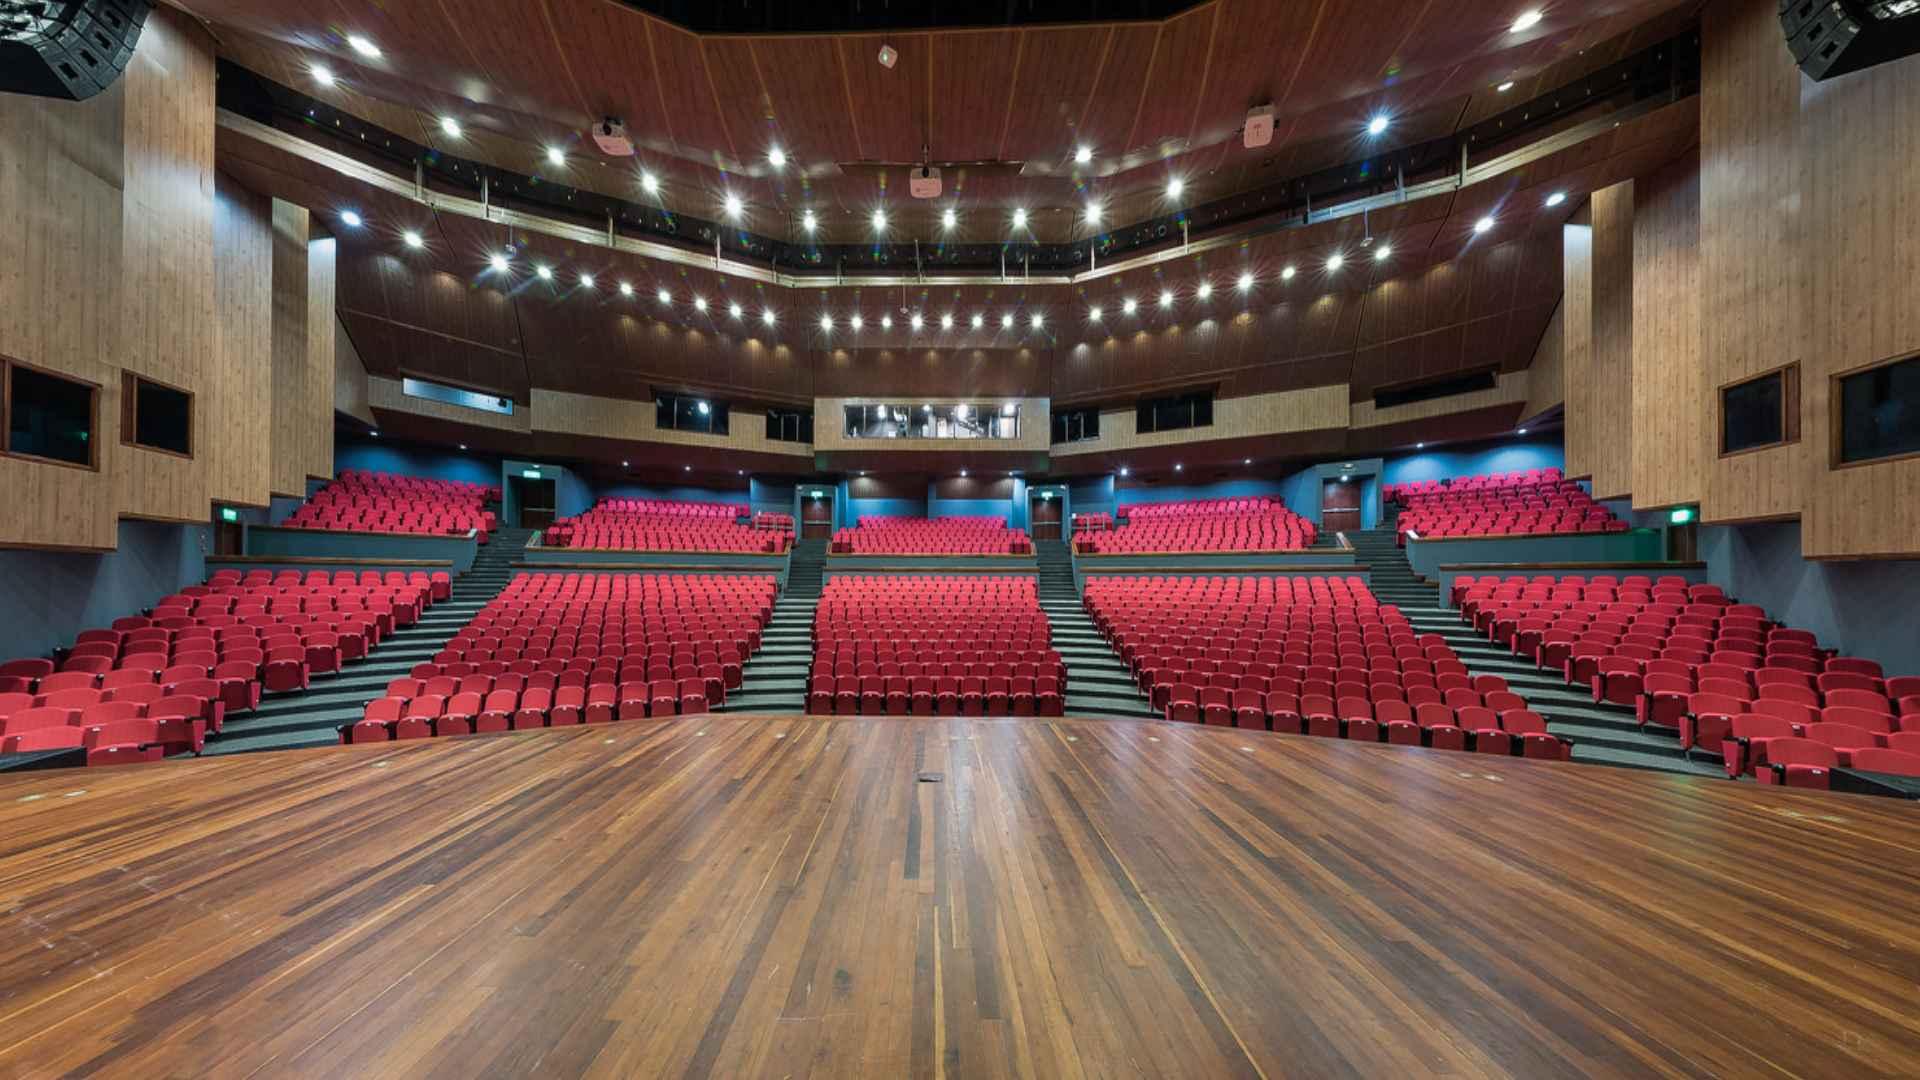 auditorioGetsemaniGallery-4